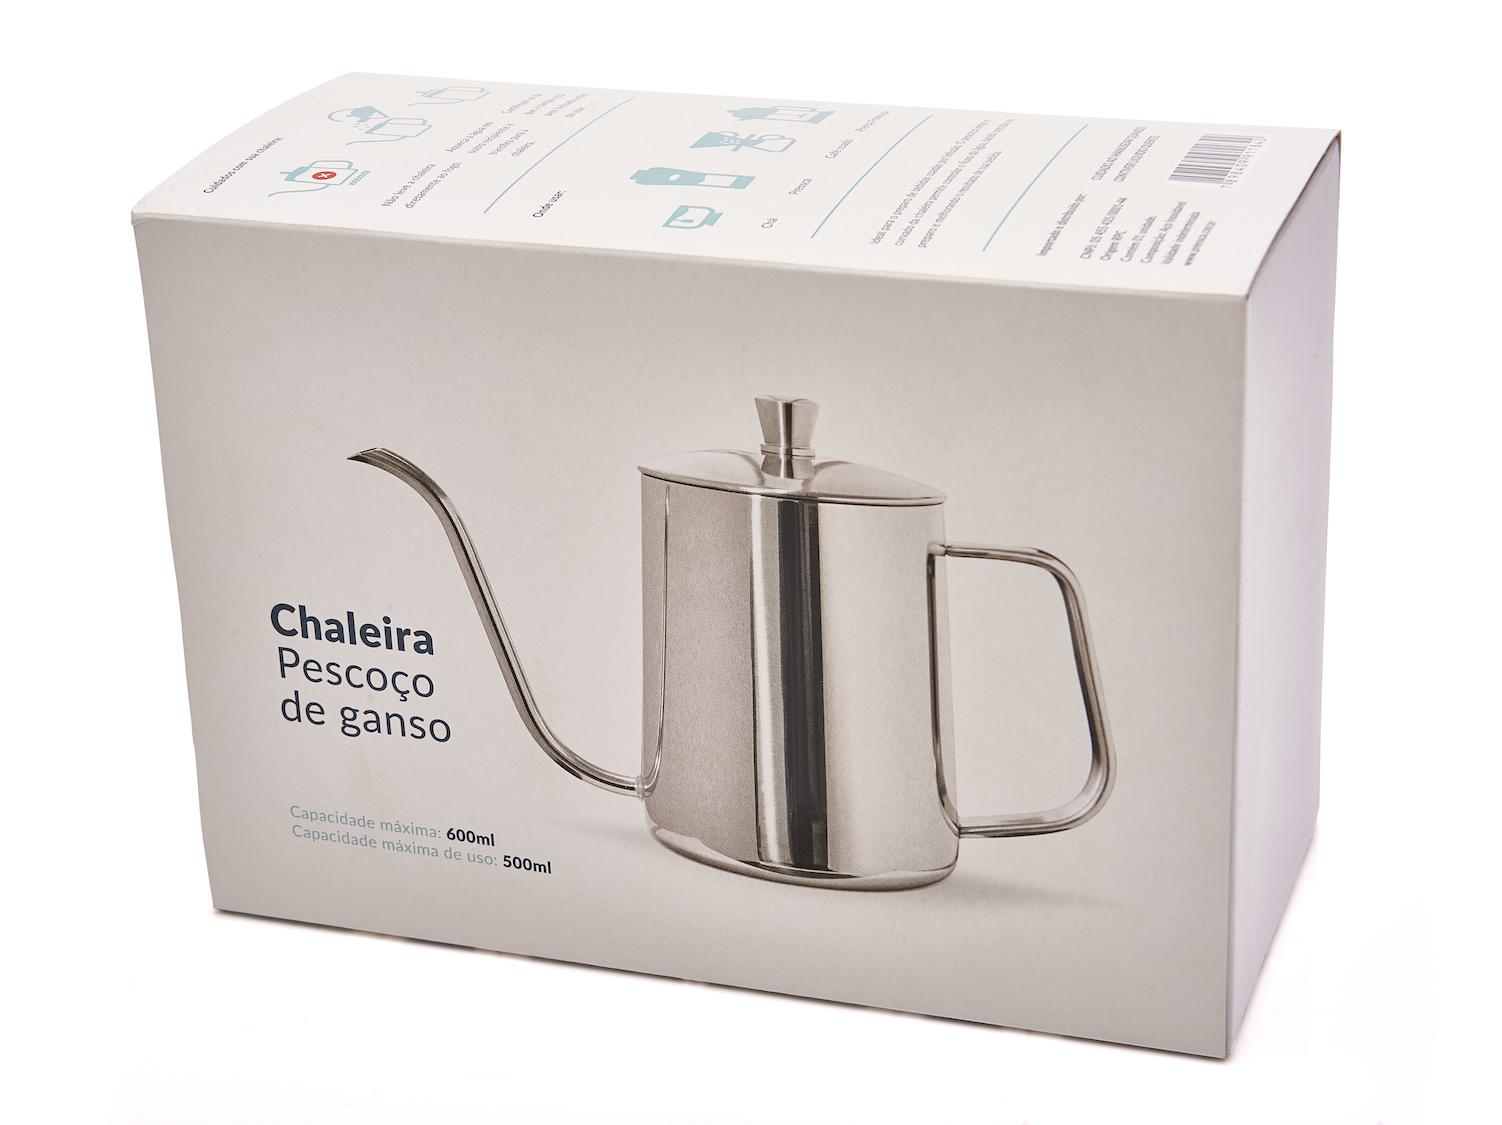 Coffeeandjoy chaleira presca bico ganso caf